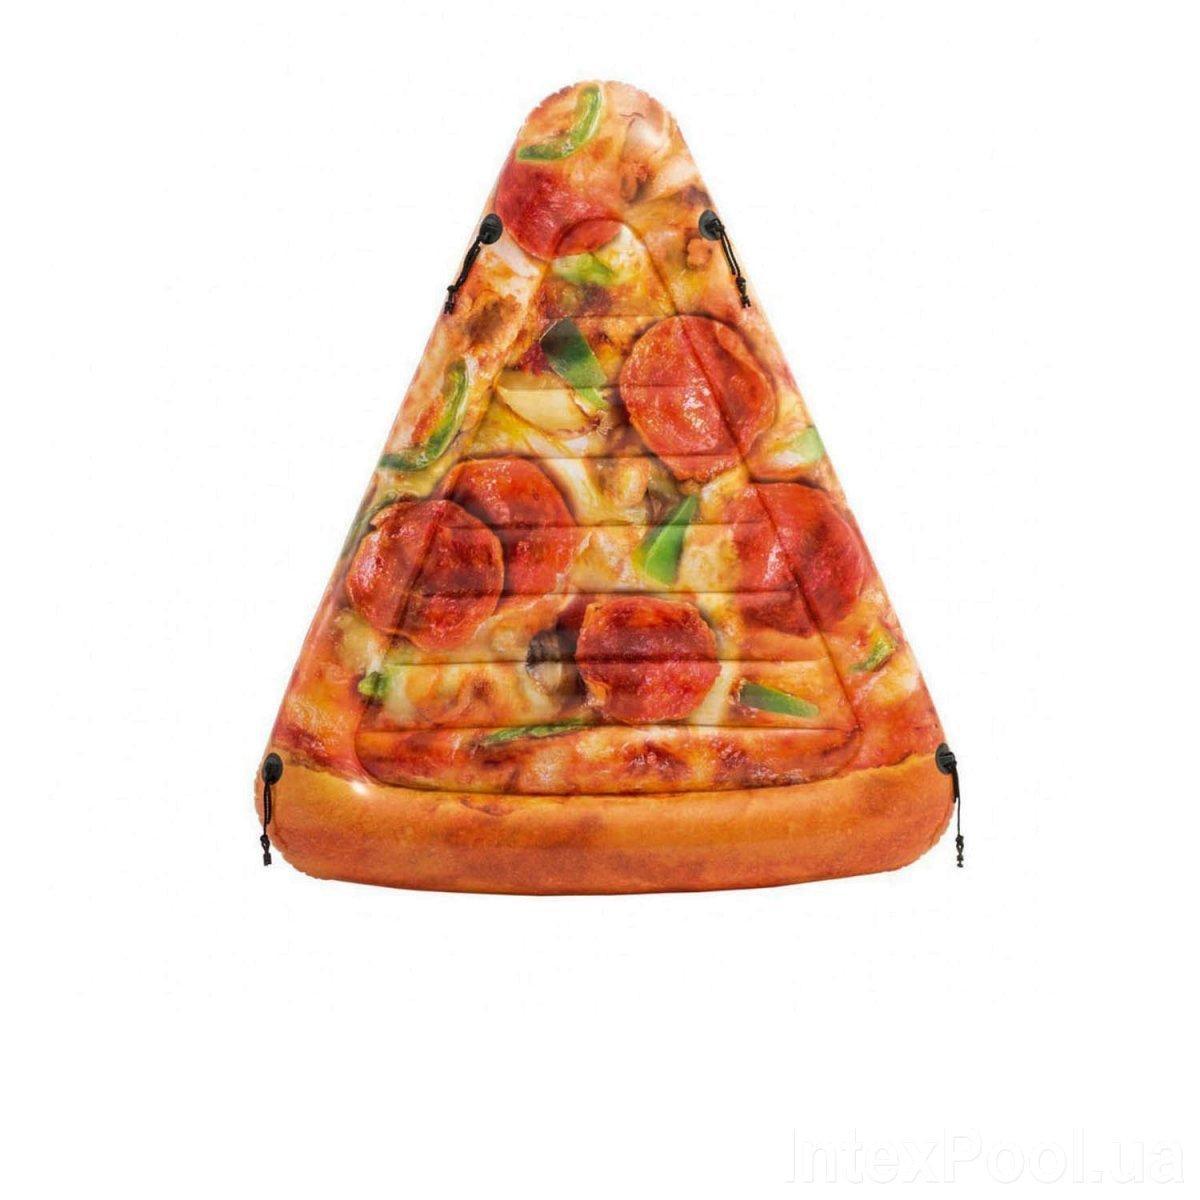 Пляжный надувной матрас Intex 58752 «Пицца»,175 х 145 см